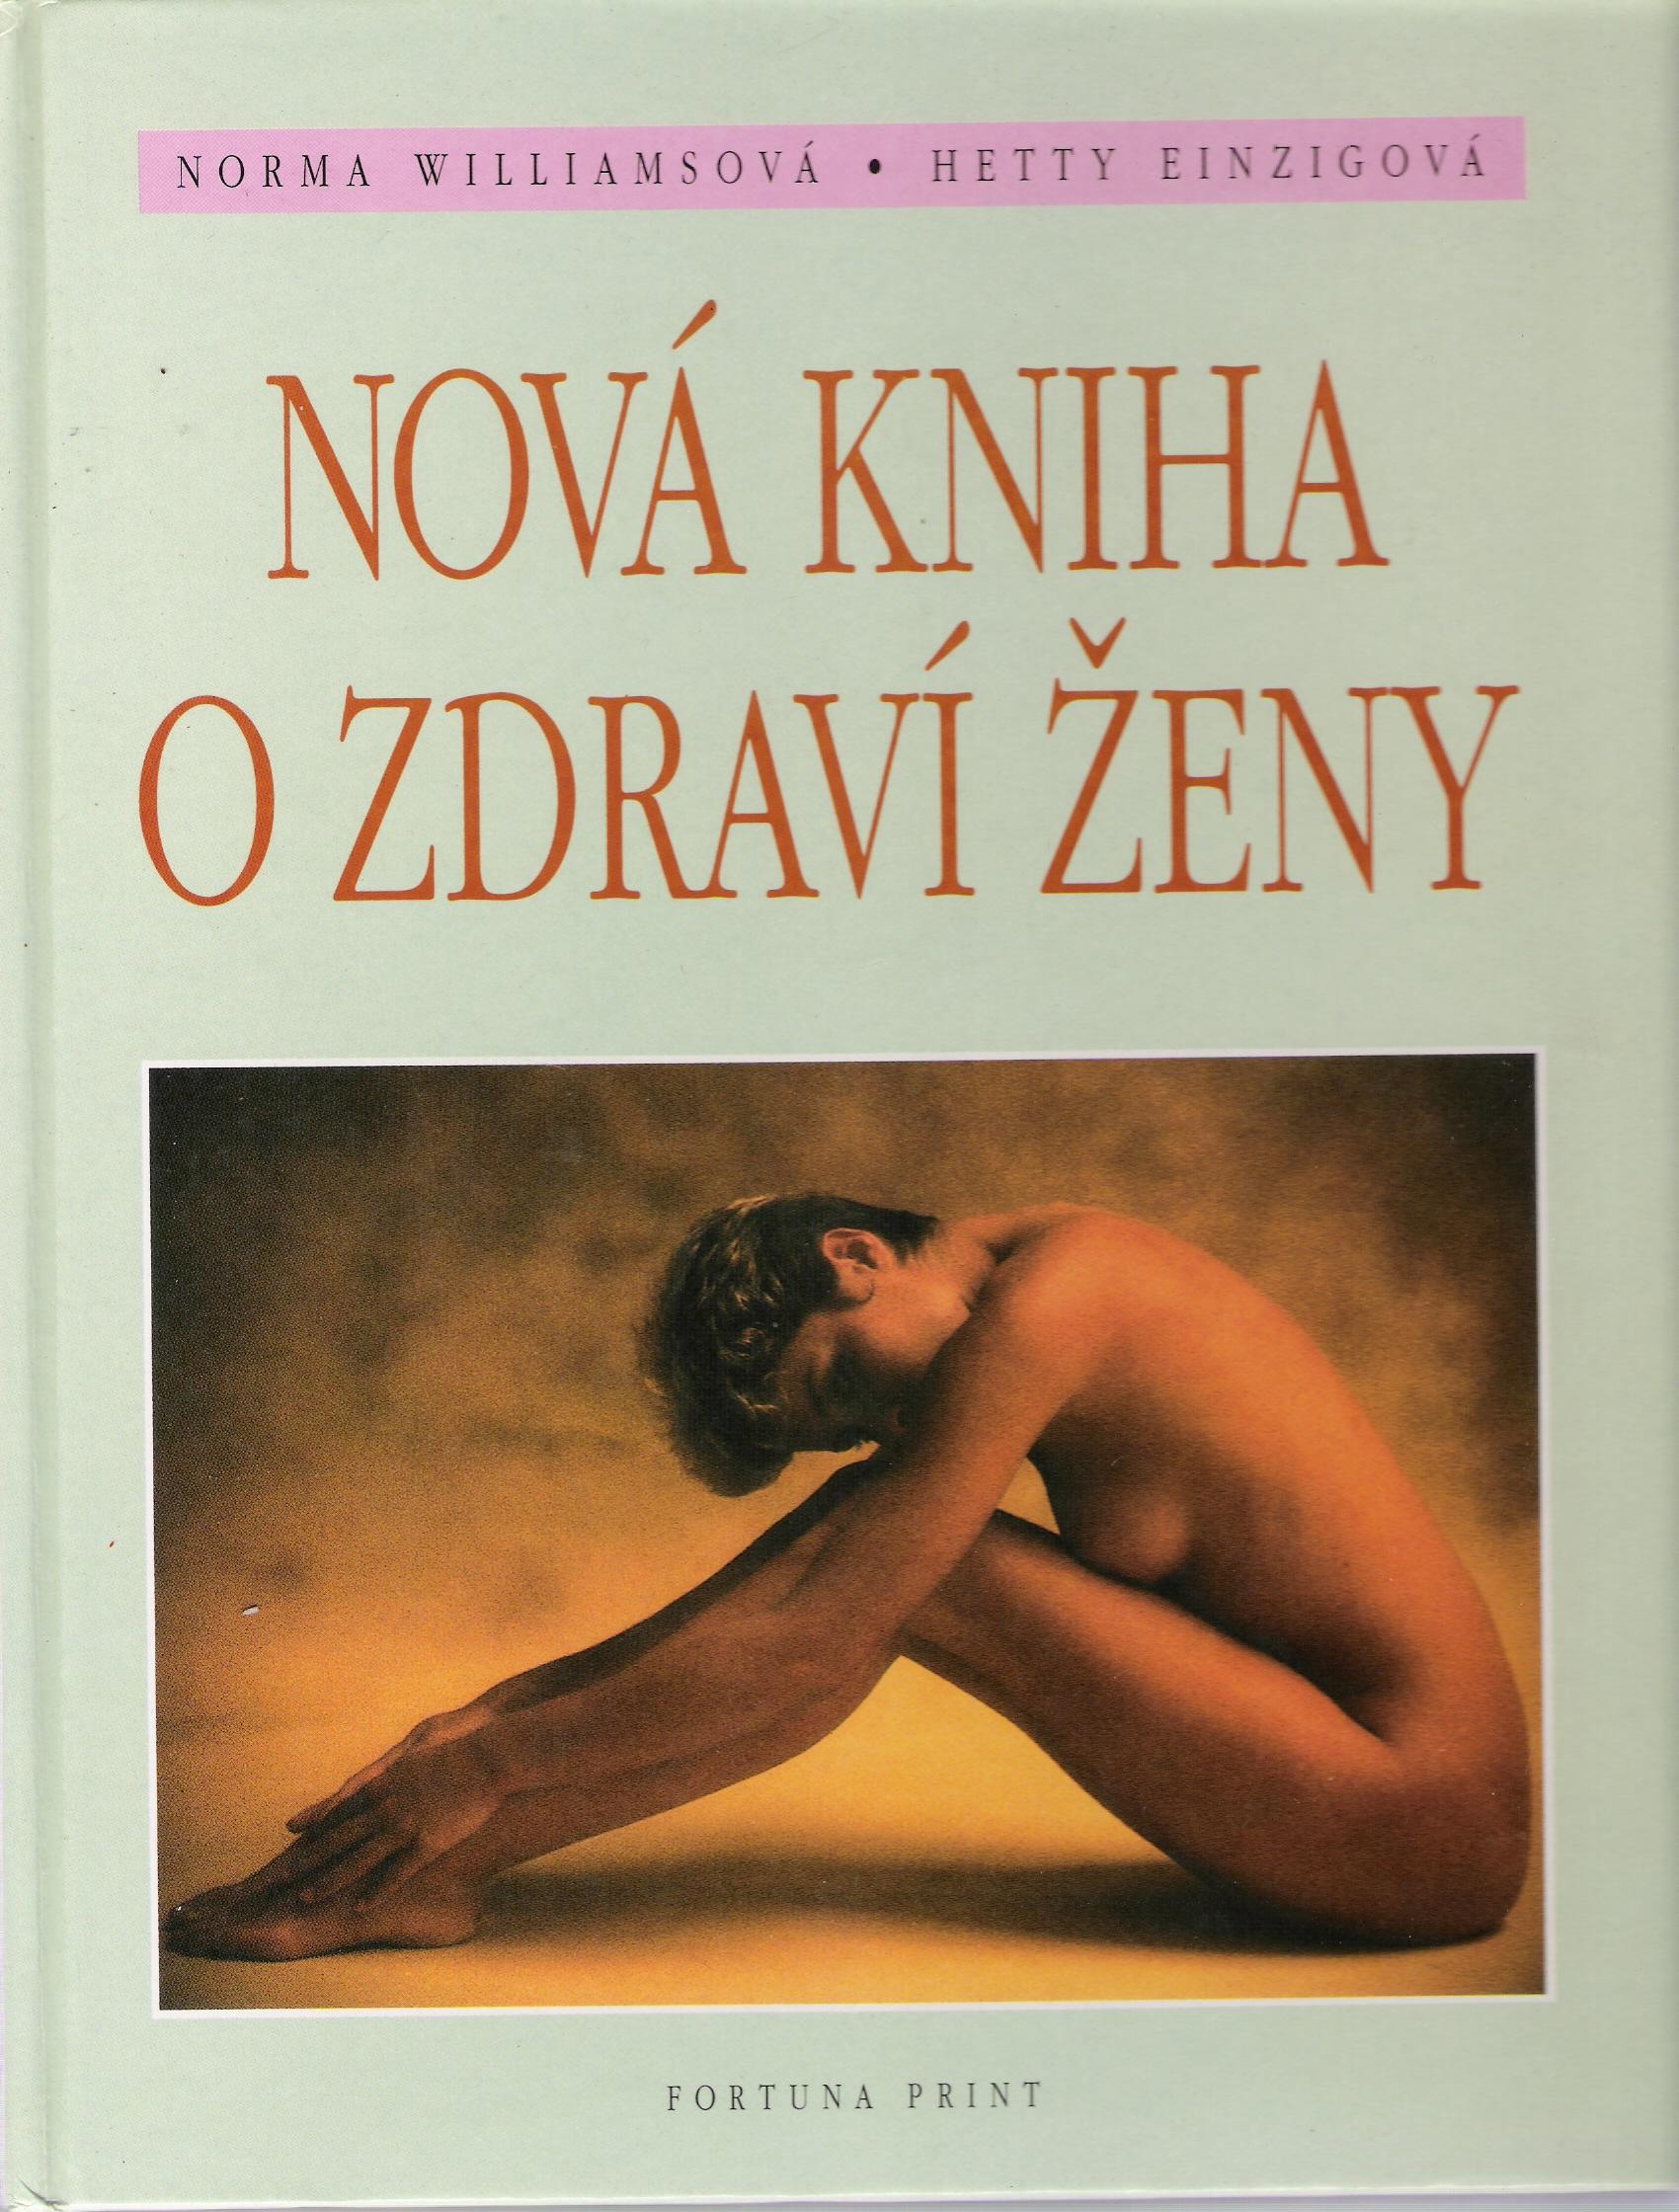 Nová kniha o zdraví ženy 36594b0a579